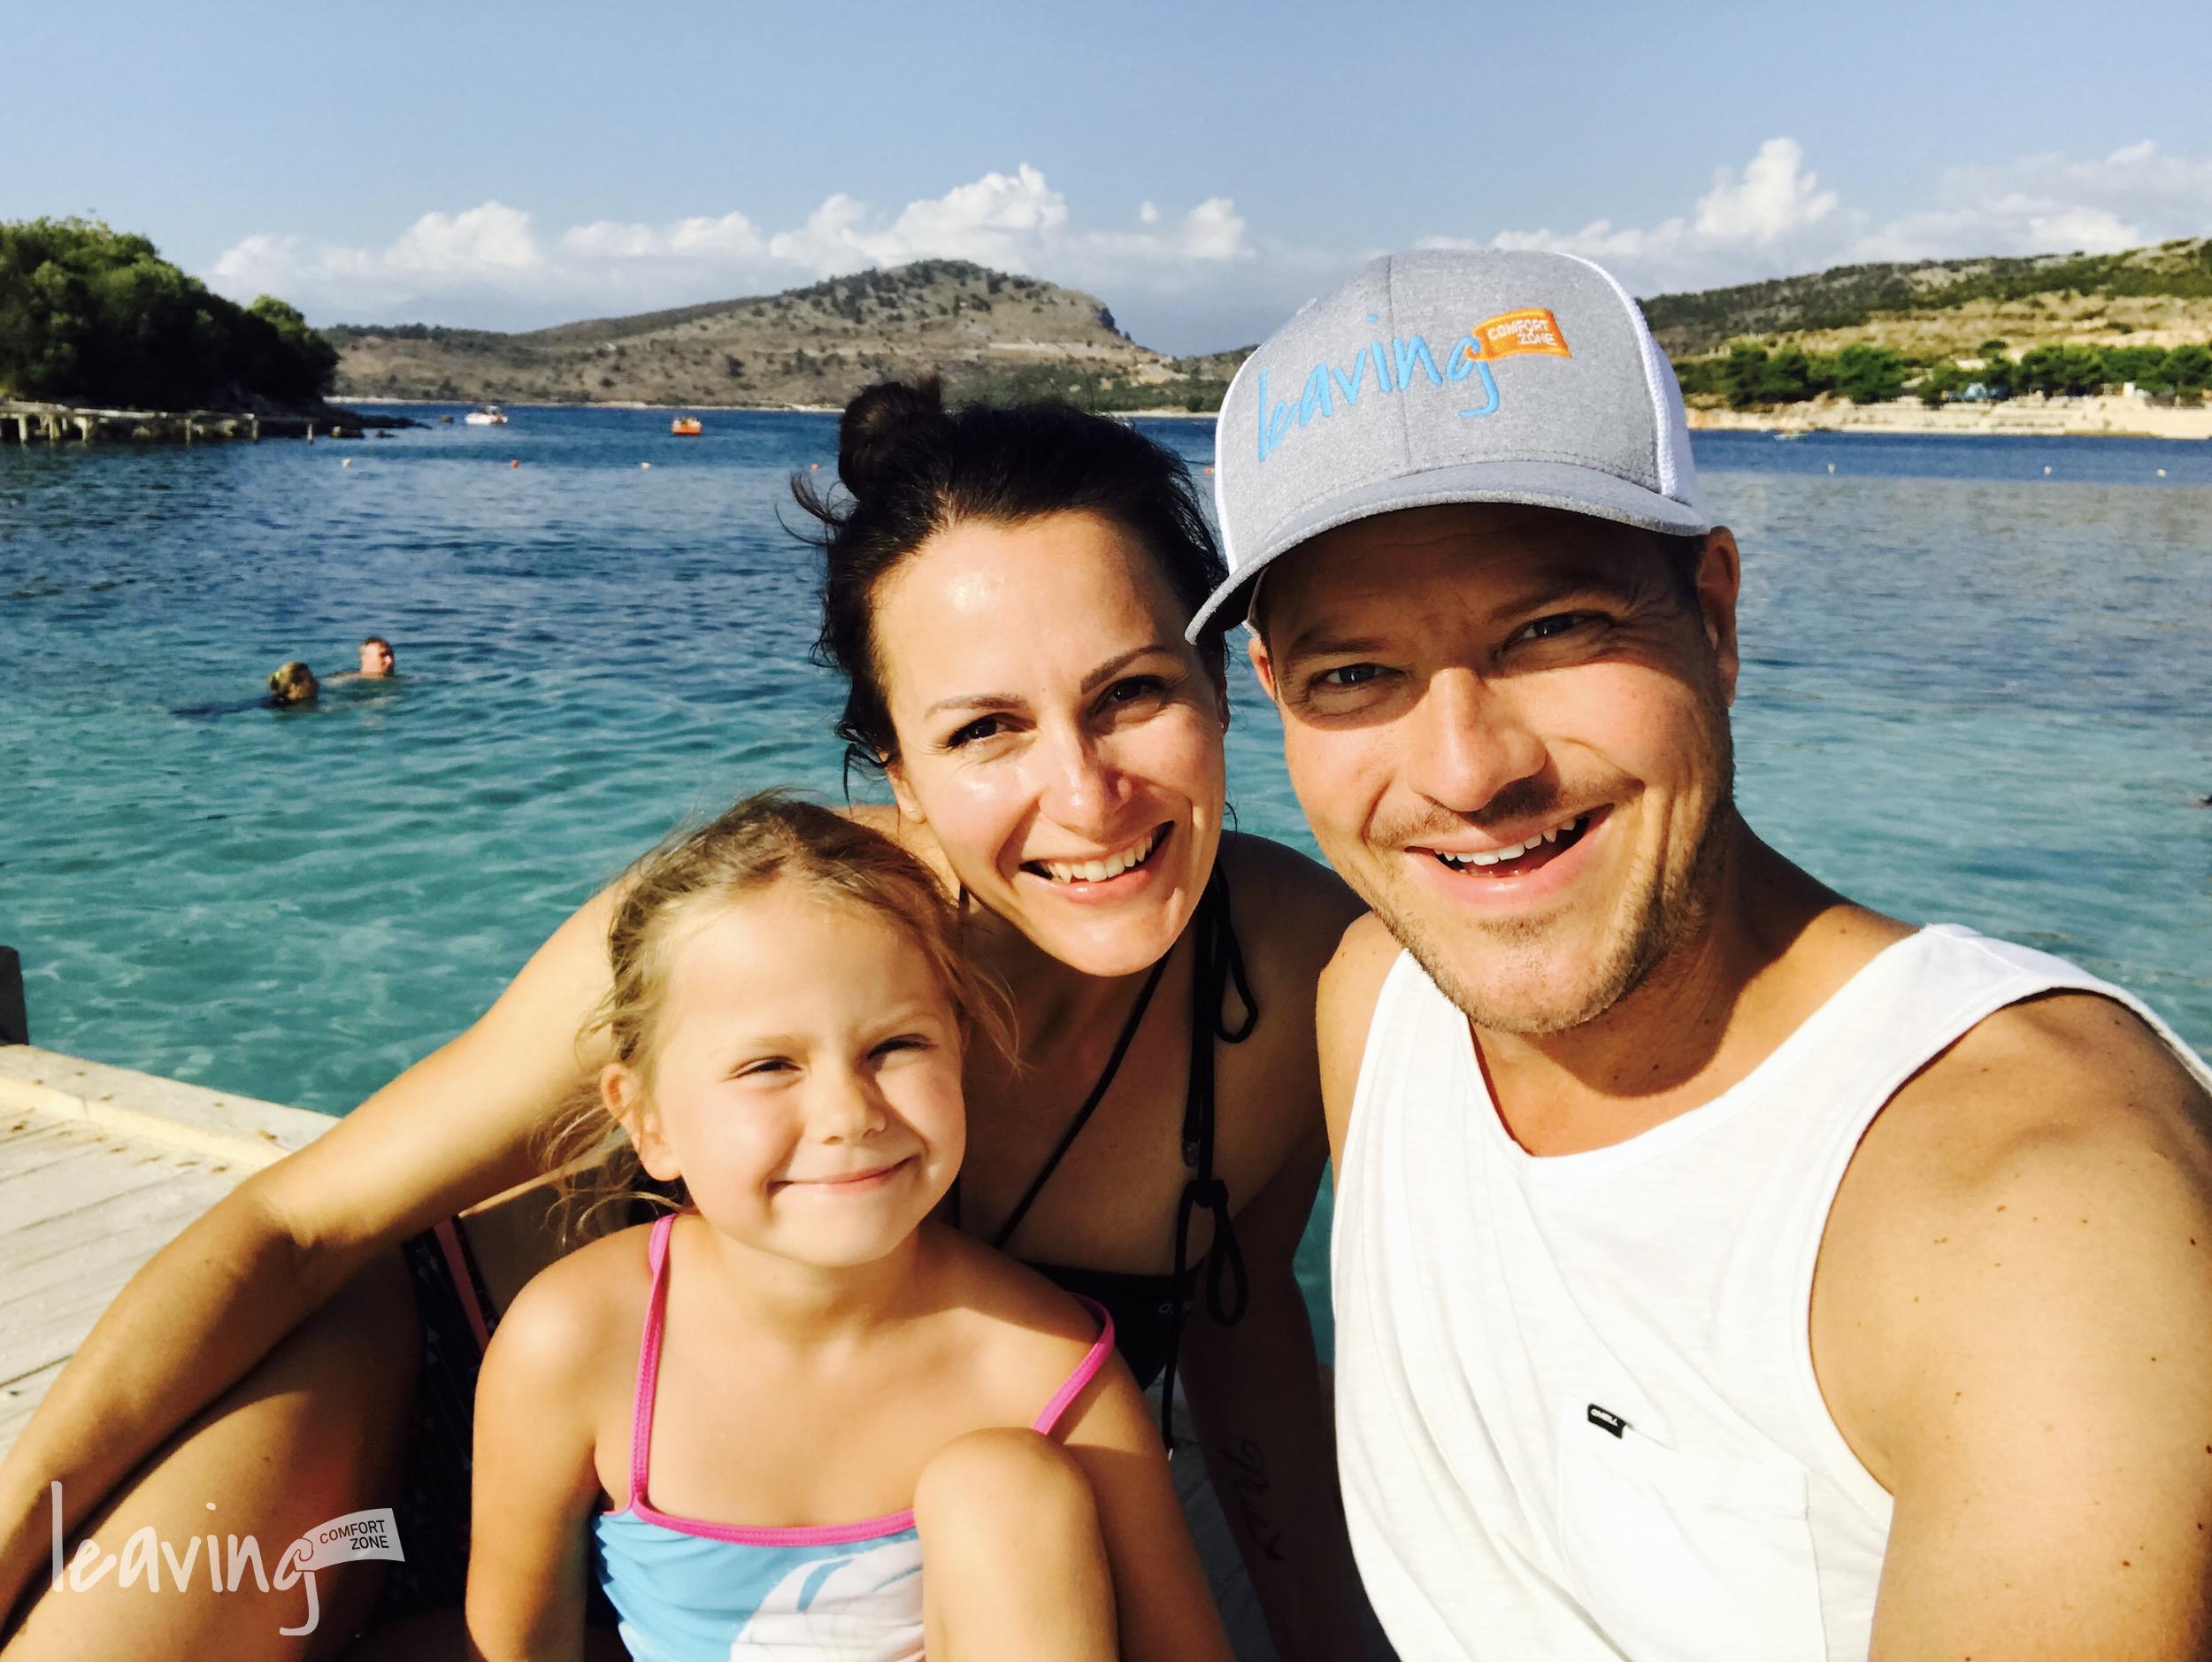 Vater, Mutter, Kind am Strand lächeln in die Kamera